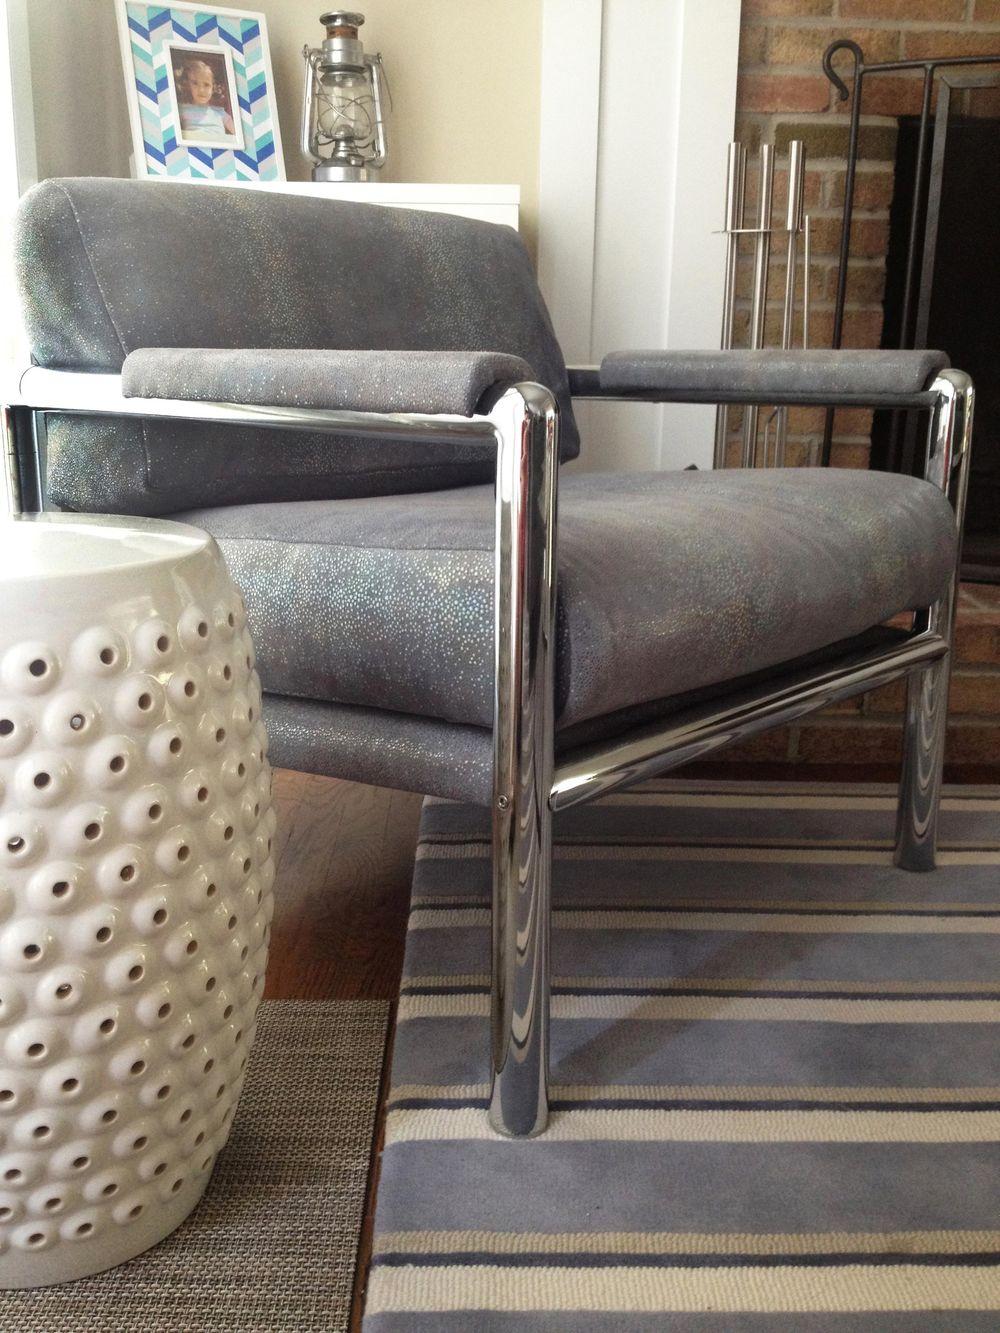 jodi-cohan-jac-studio-chairdetail.jpg